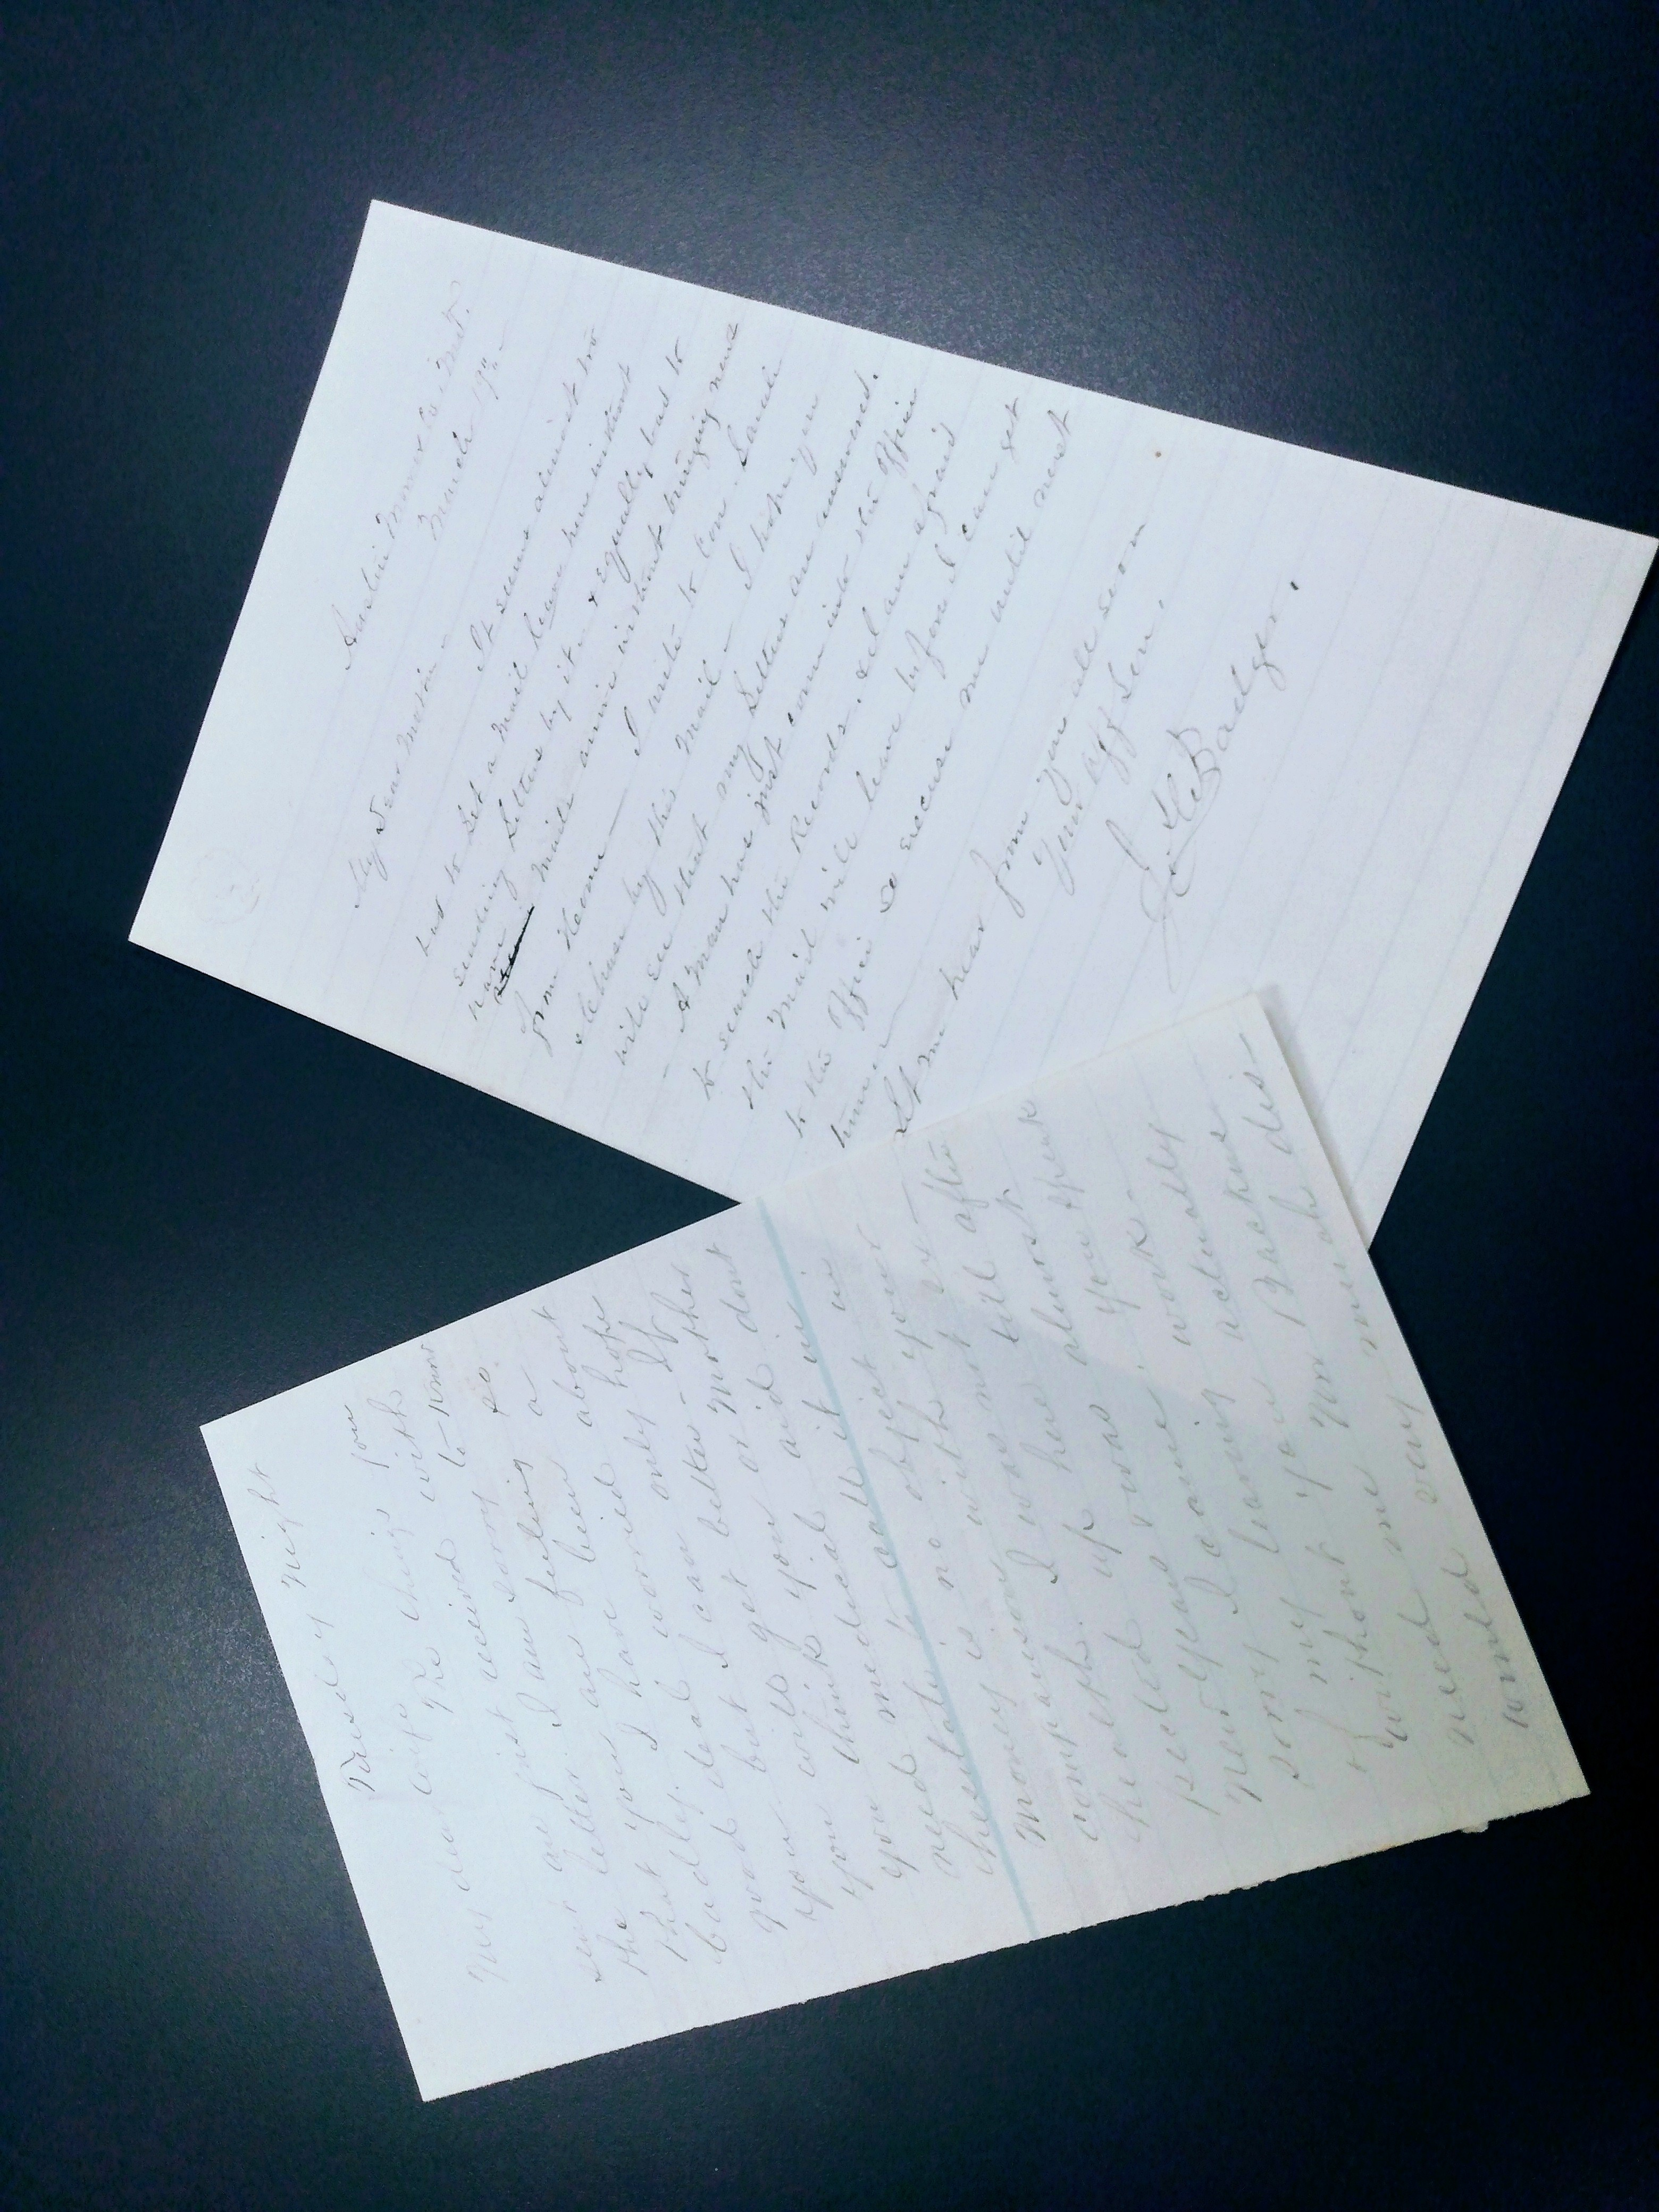 handwritten pages on a dark background